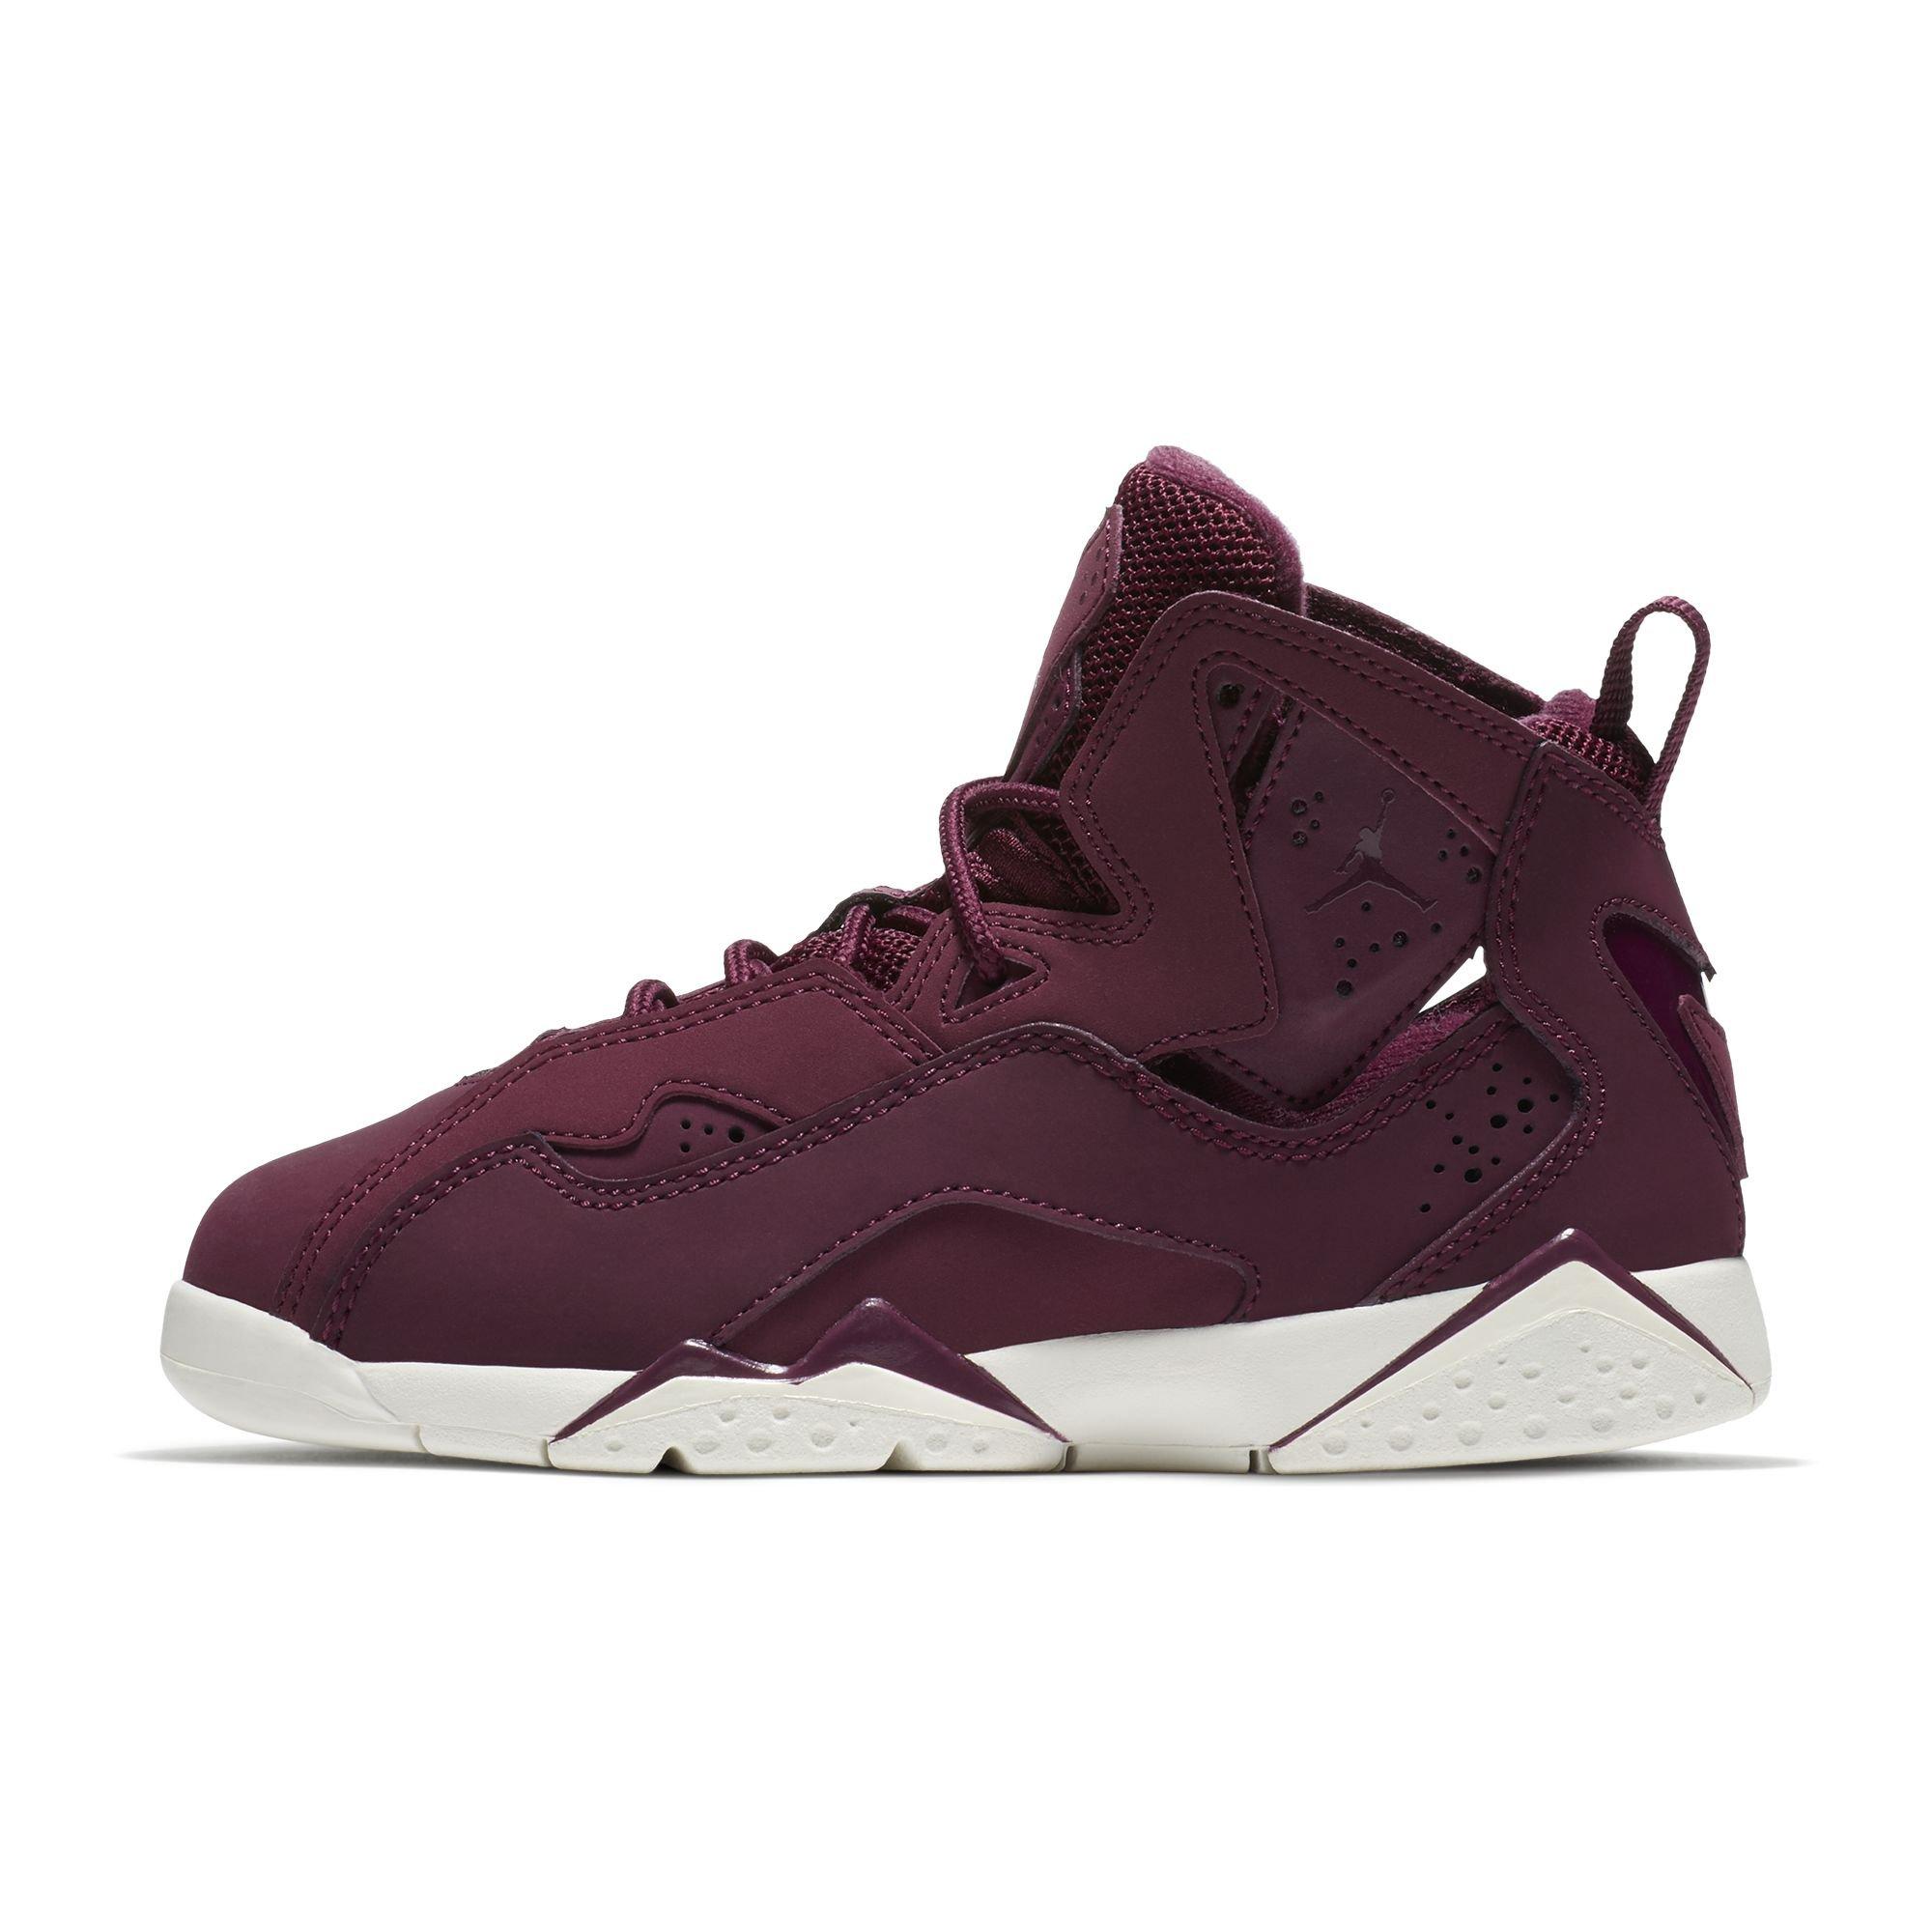 separation shoes 68b86 92912 Galleon - Jordan Nike Boy s True Flight Basketball Shoe (PS), Bordeaux  Bordeaux-Sail 1Y